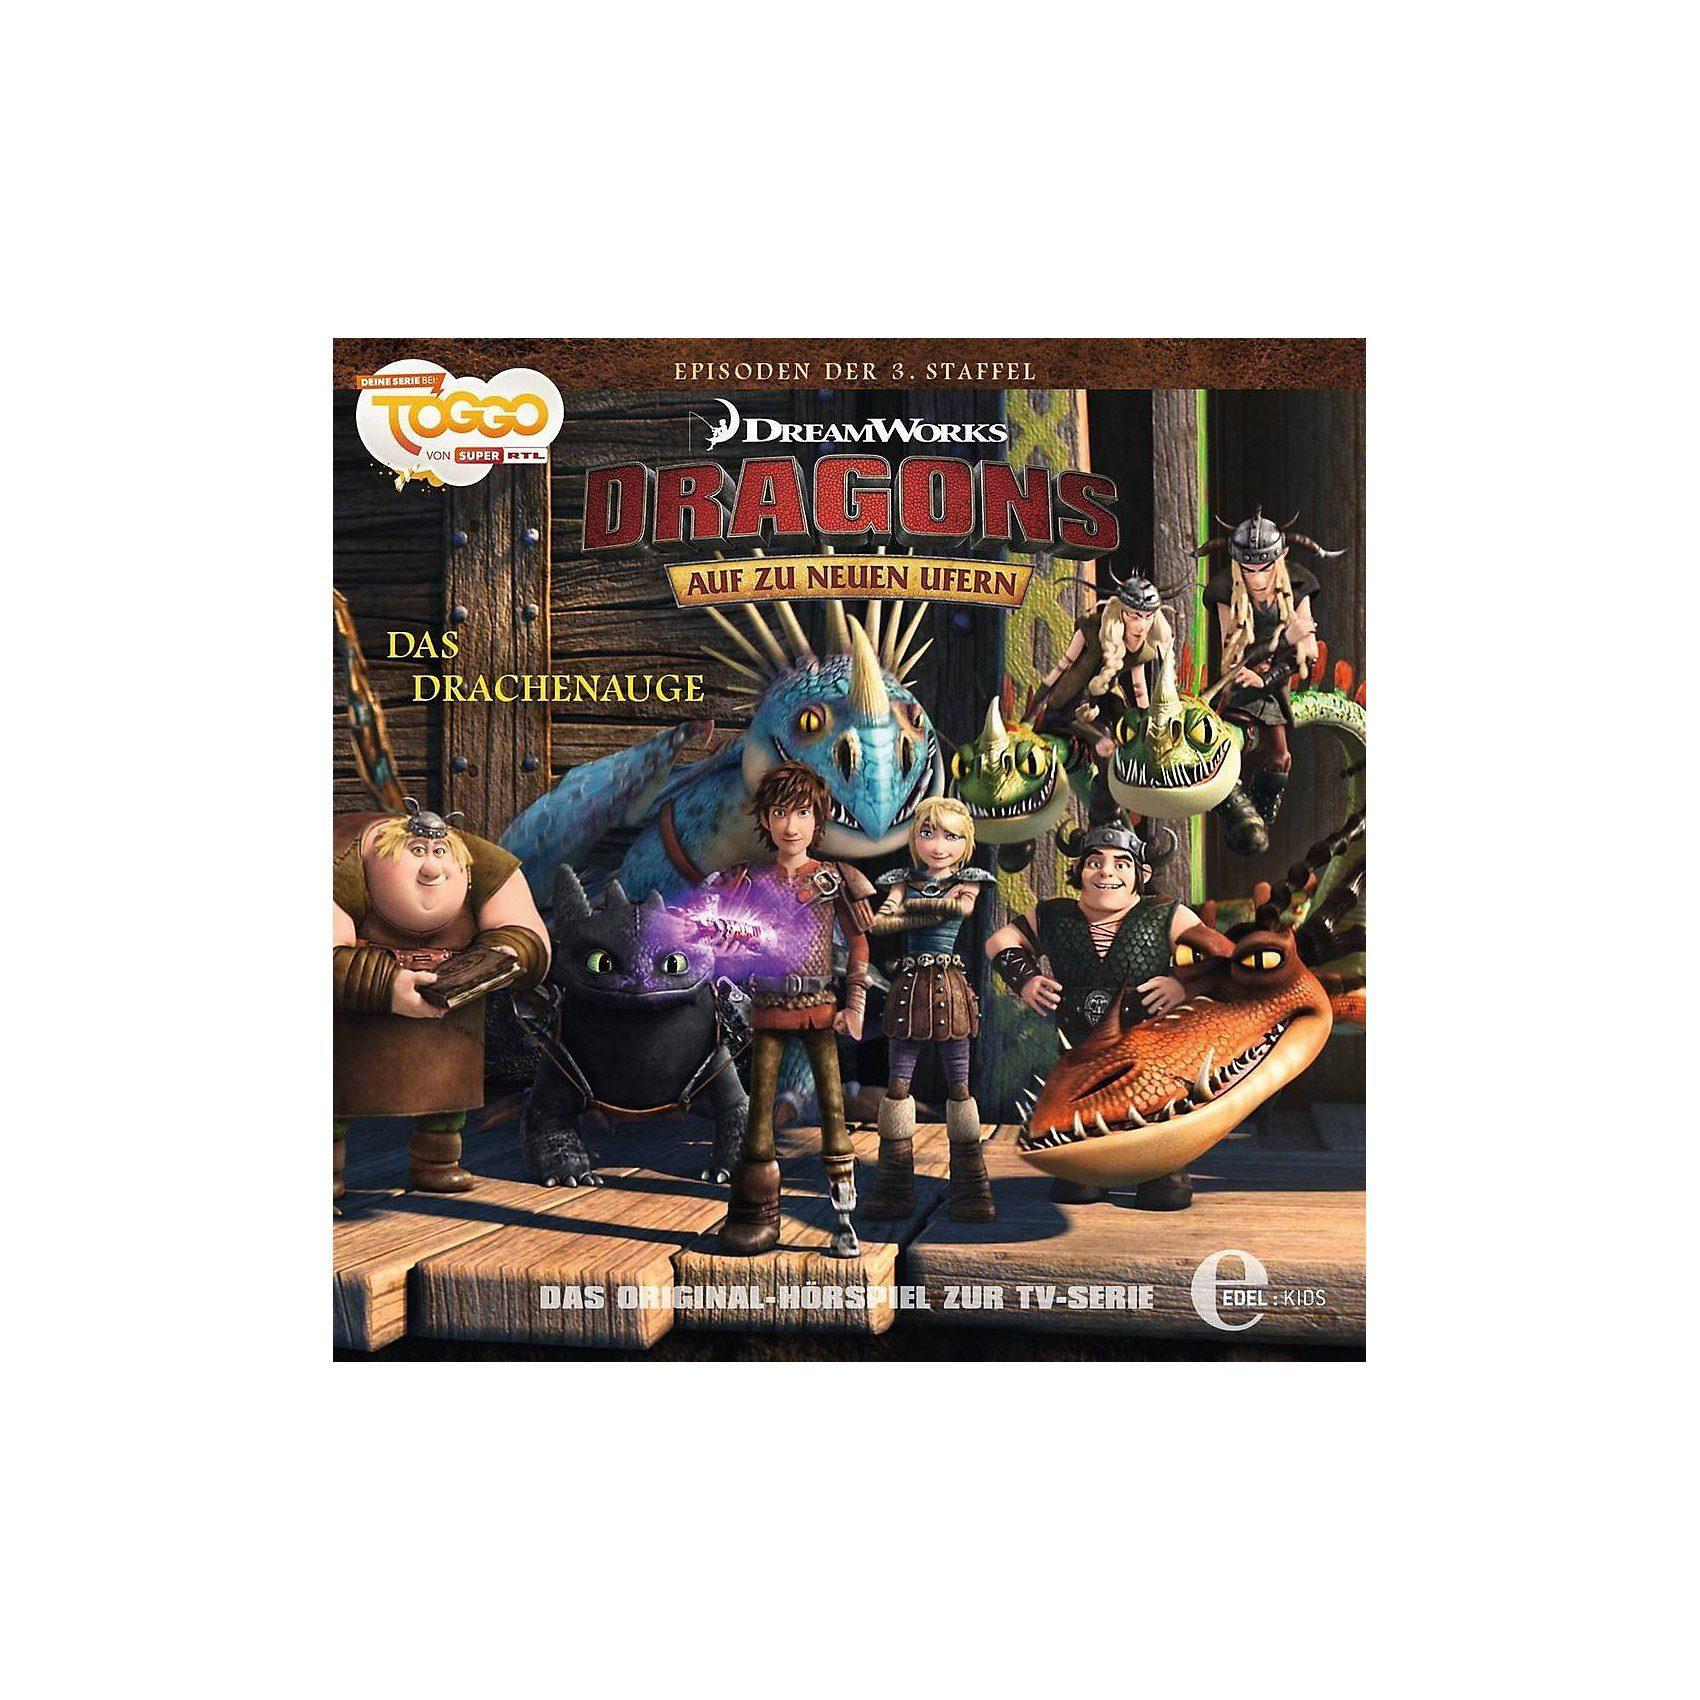 Edel CD Dragons auf zu neuen Ufern 21